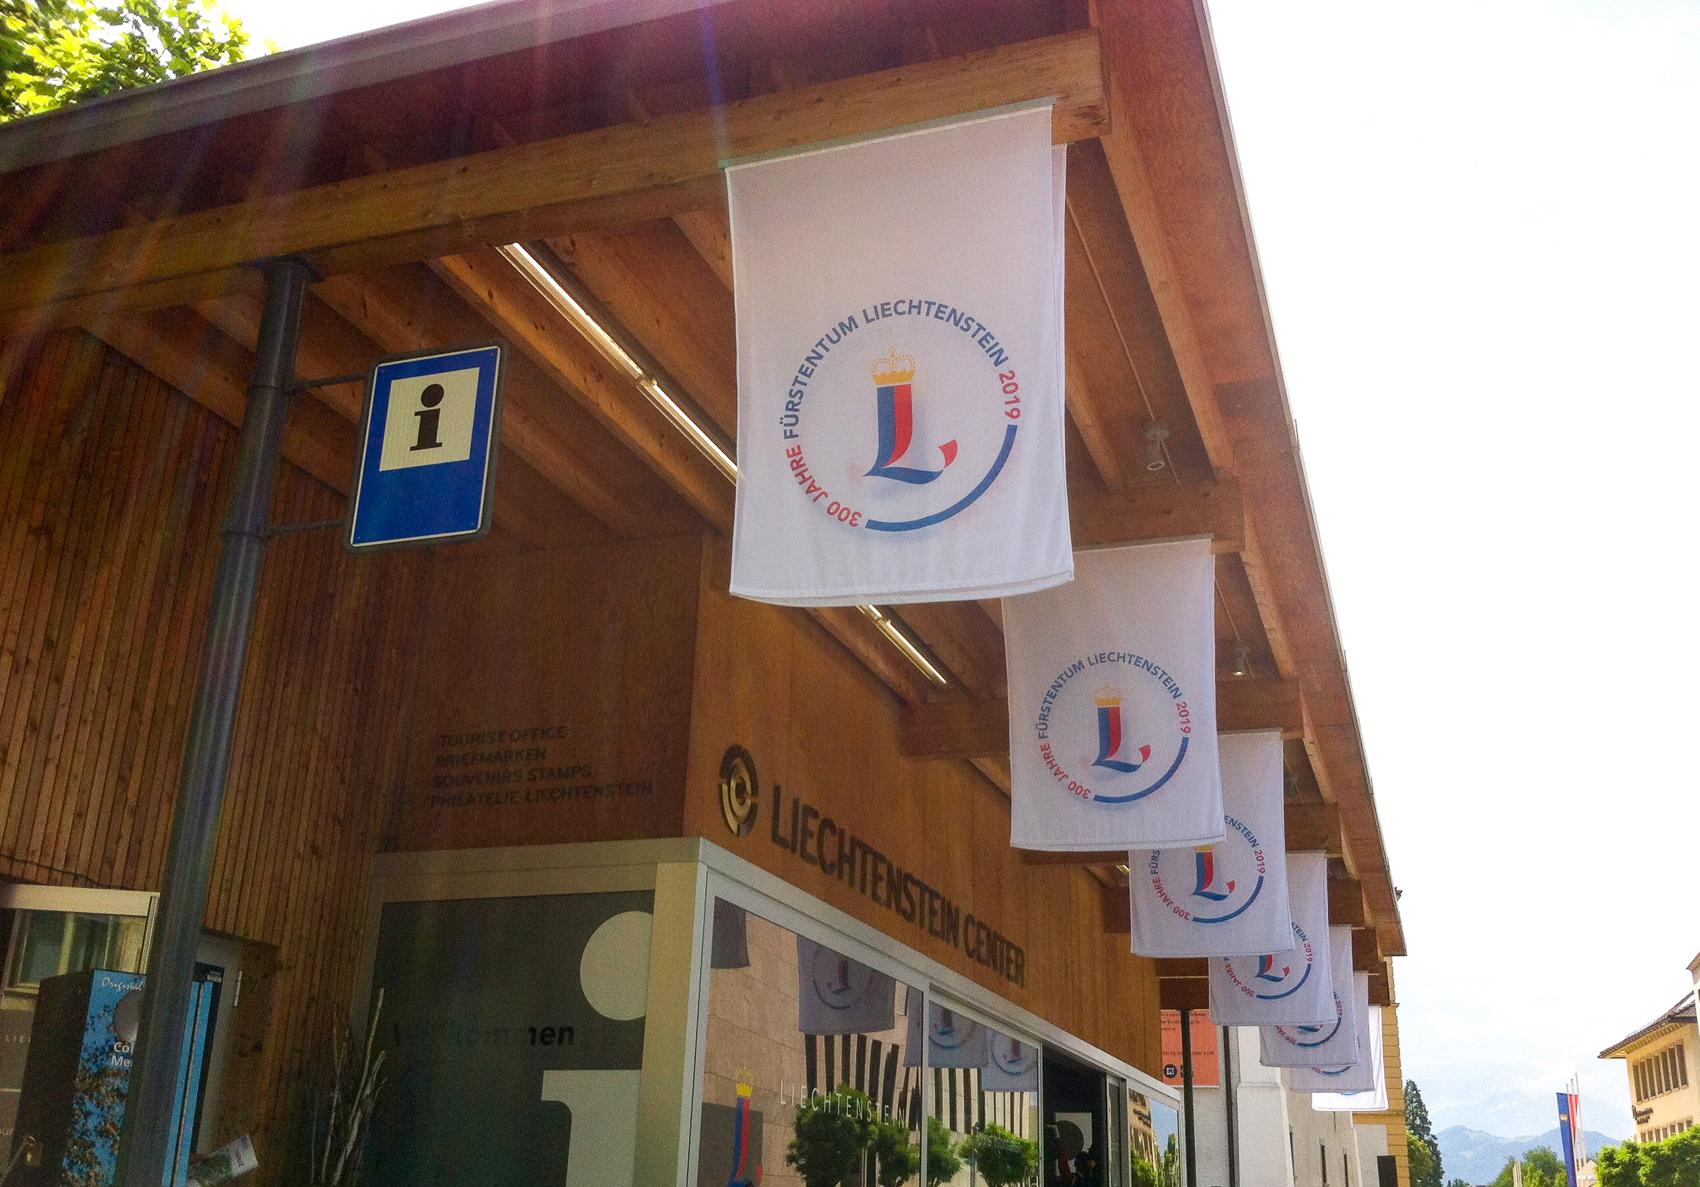 Aussenwerbung - Fahne Tourismus Liechtenstein